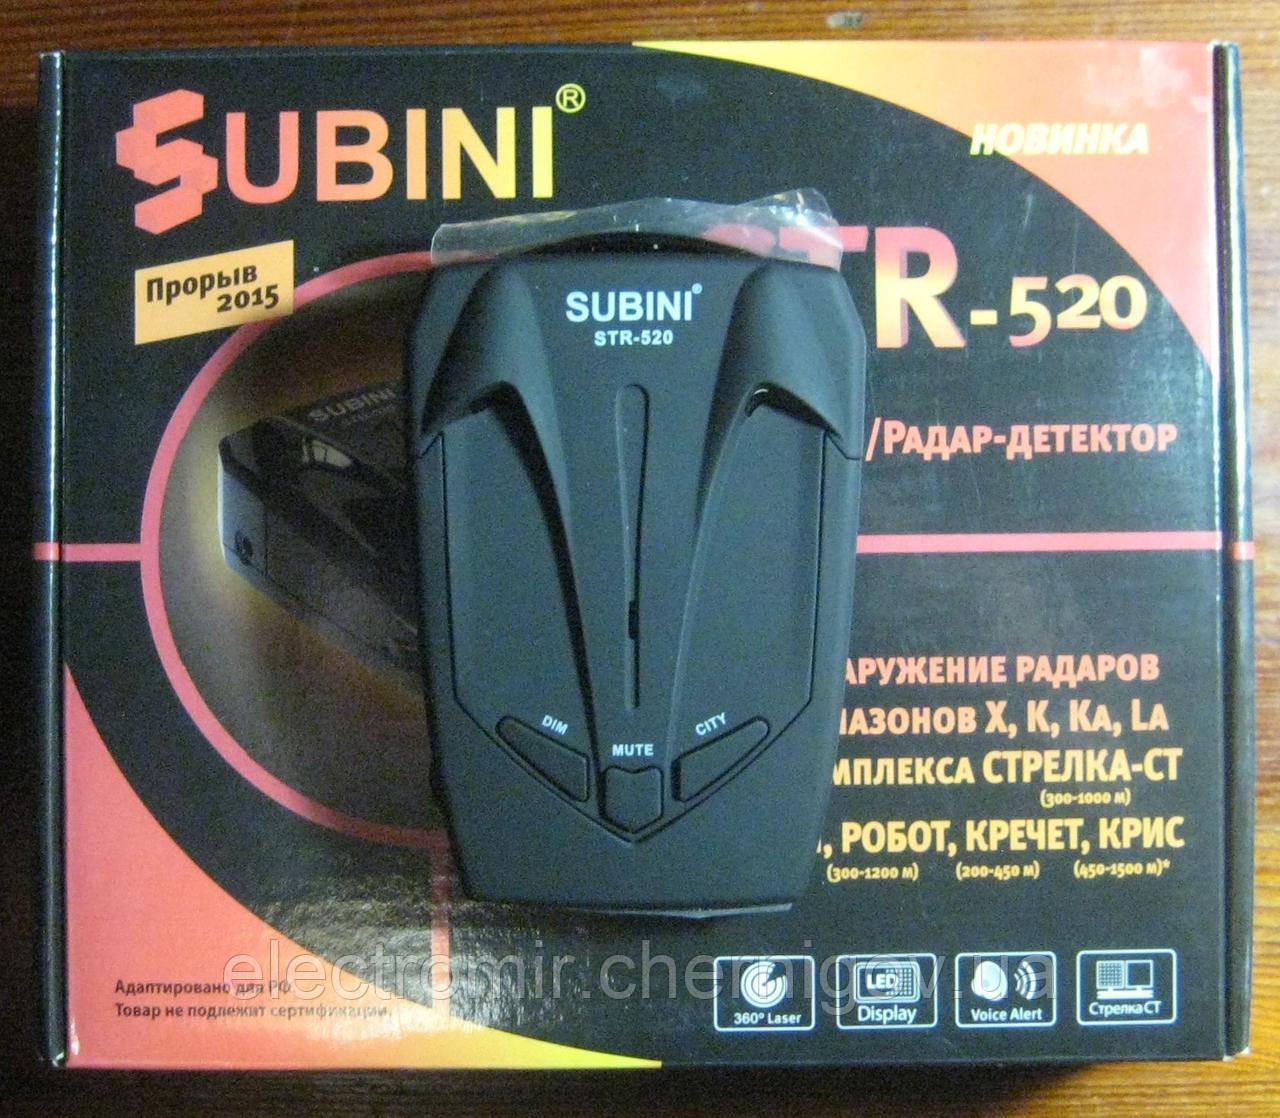 Радар-детектор Subini STR-520